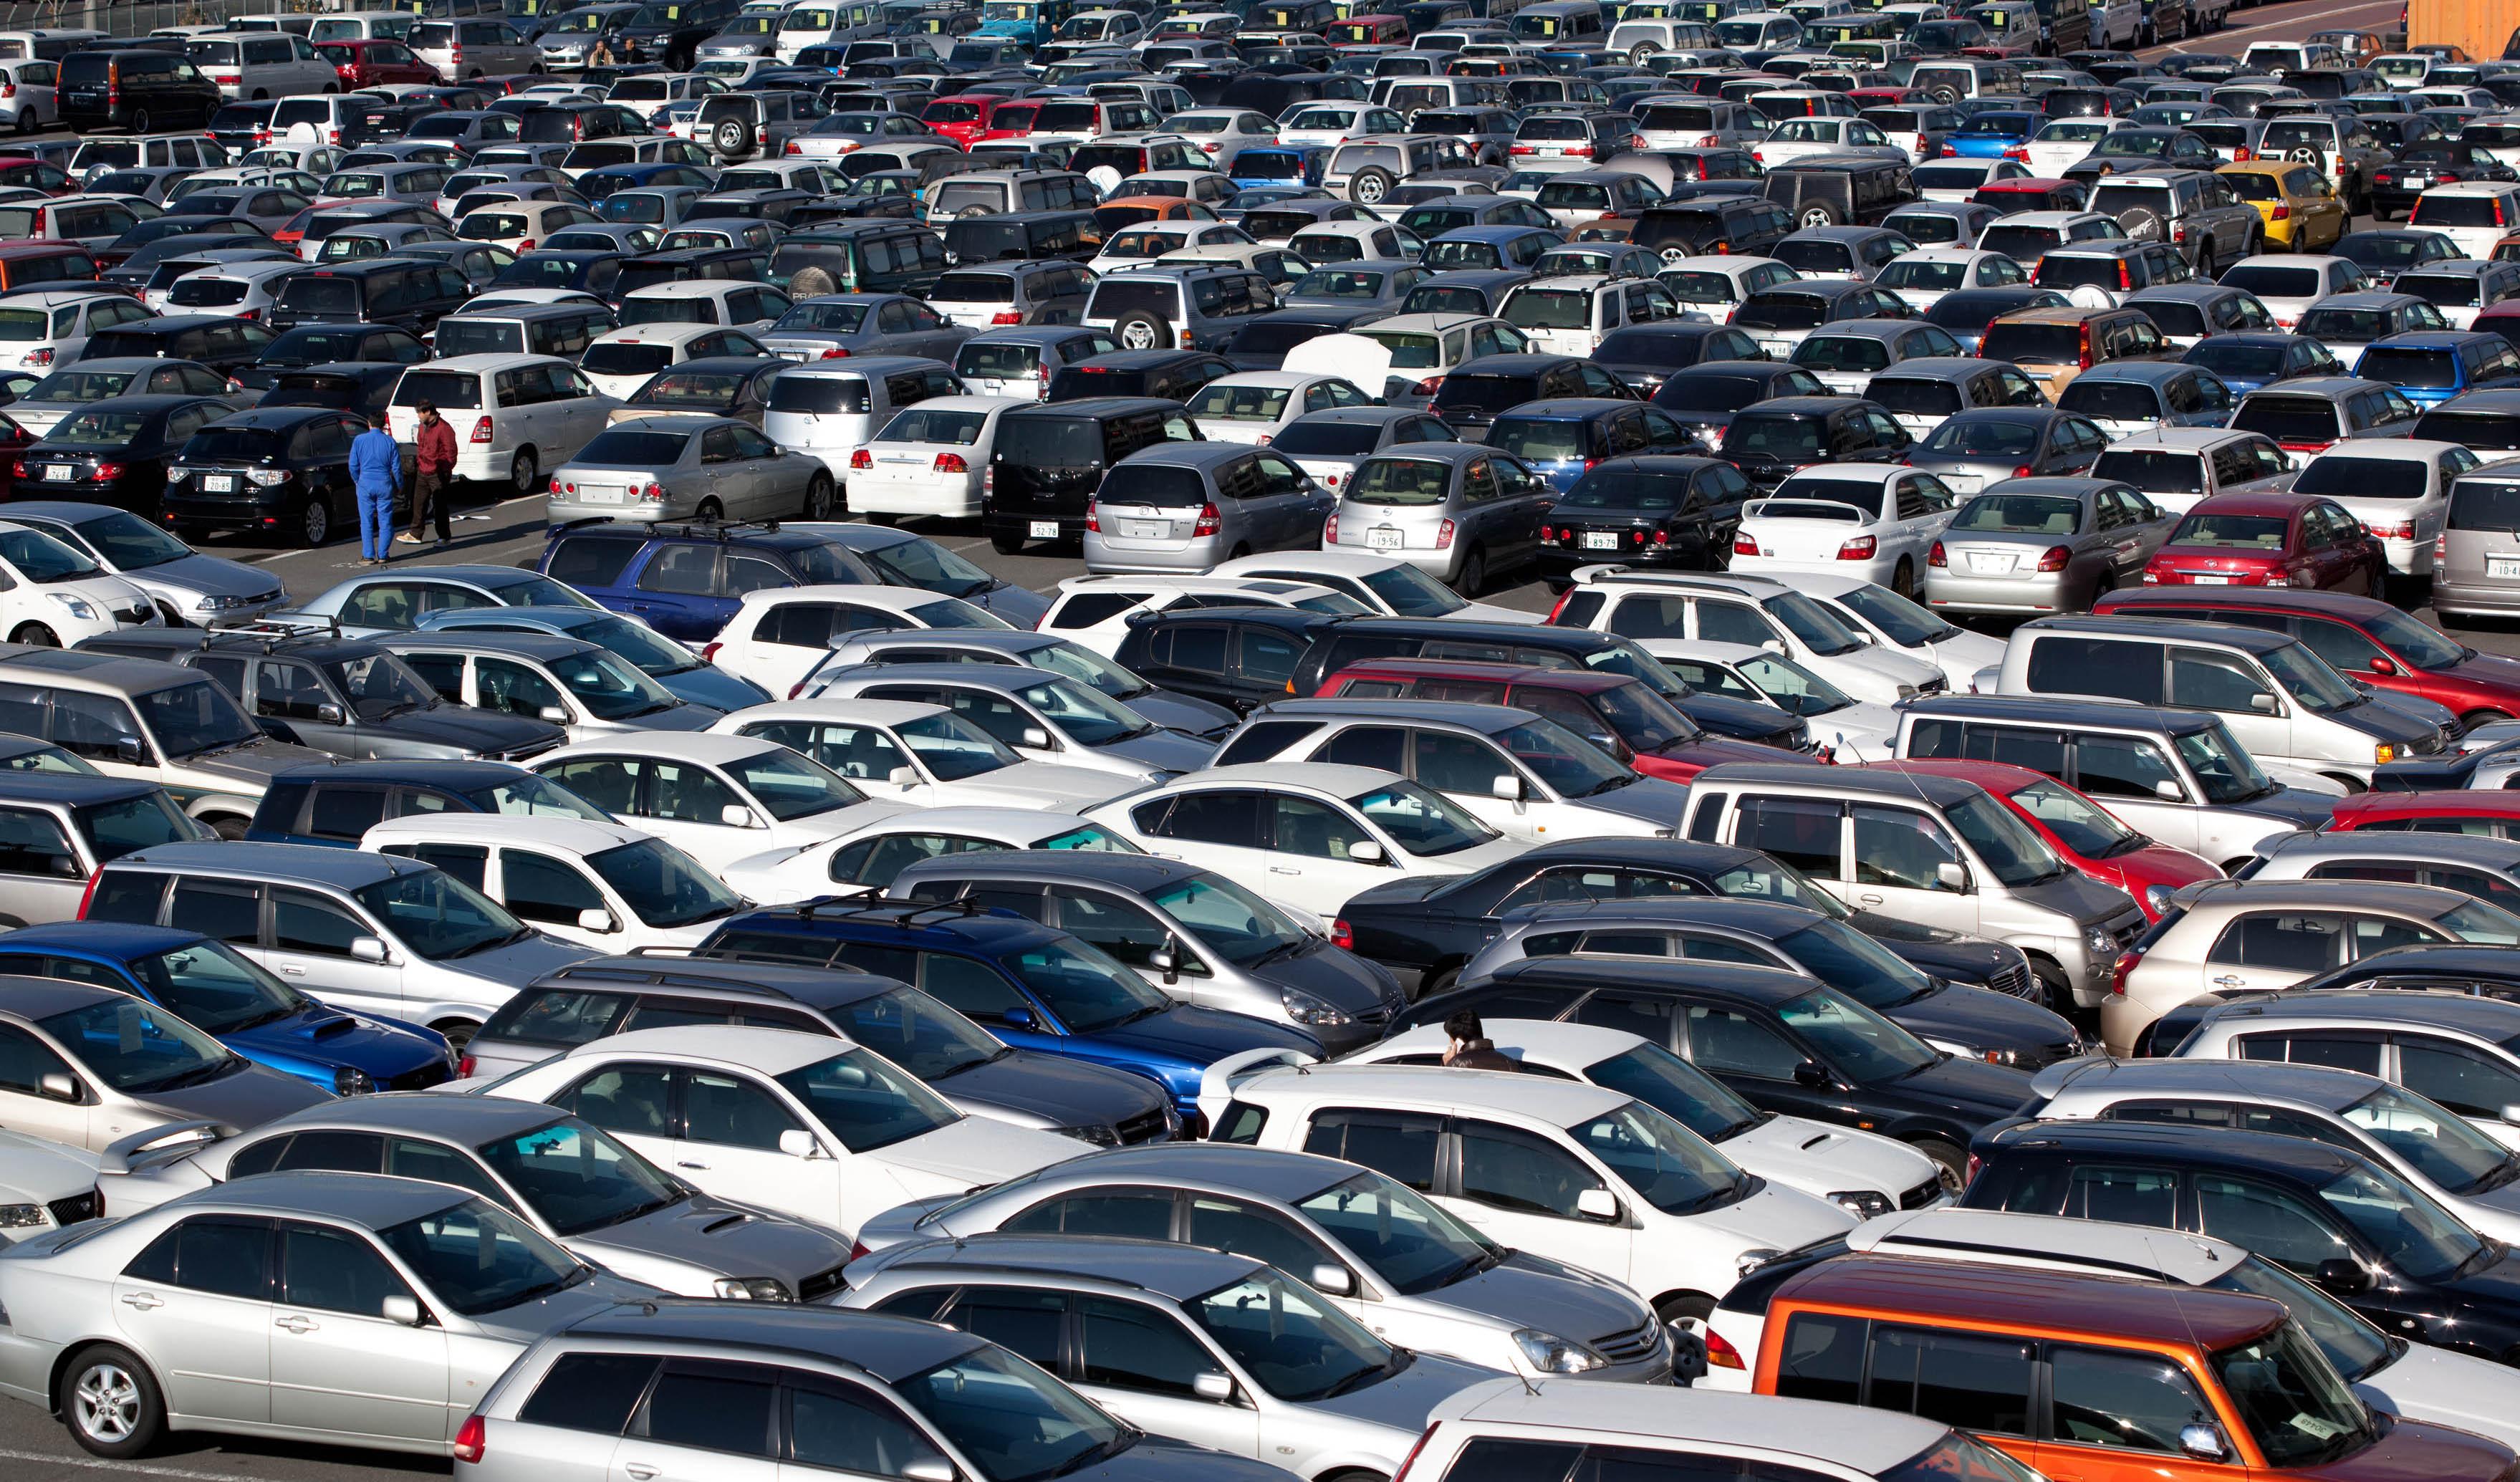 دولت جدید چه برنامهای برای مدیریت بازار خودرو دارد؟/ رایزنی برای آزادسازی قیمت